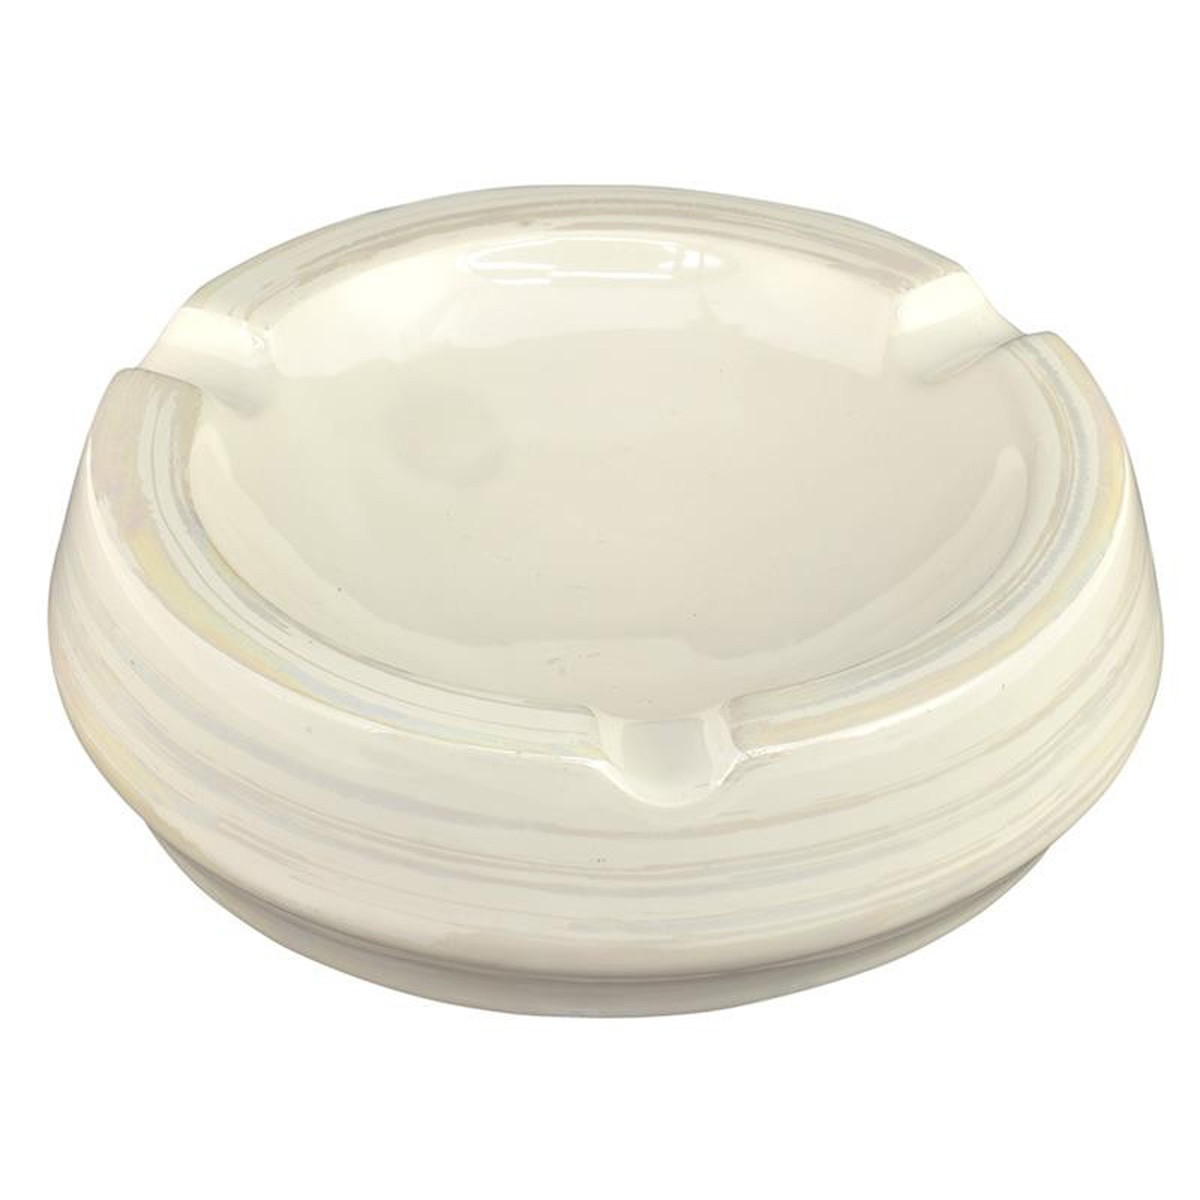 Τραπεζομάντηλο (140x180) White Egg 3/4-4